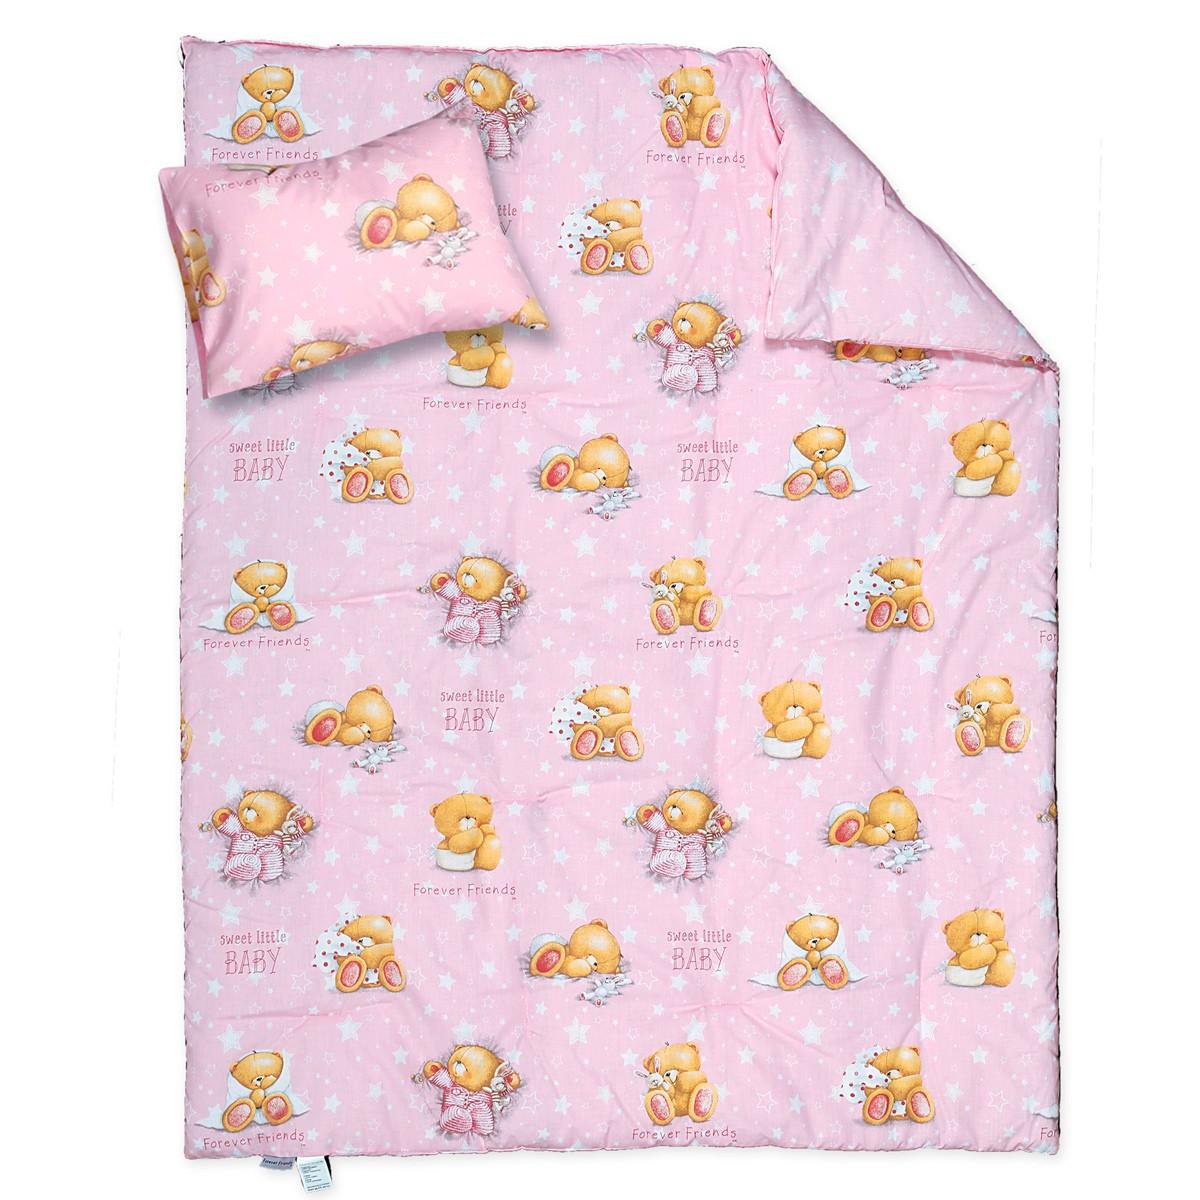 Παπλωματοθήκη Κούνιας (Σετ) Nef-Nef Baby FF Forever Sleepy 76128